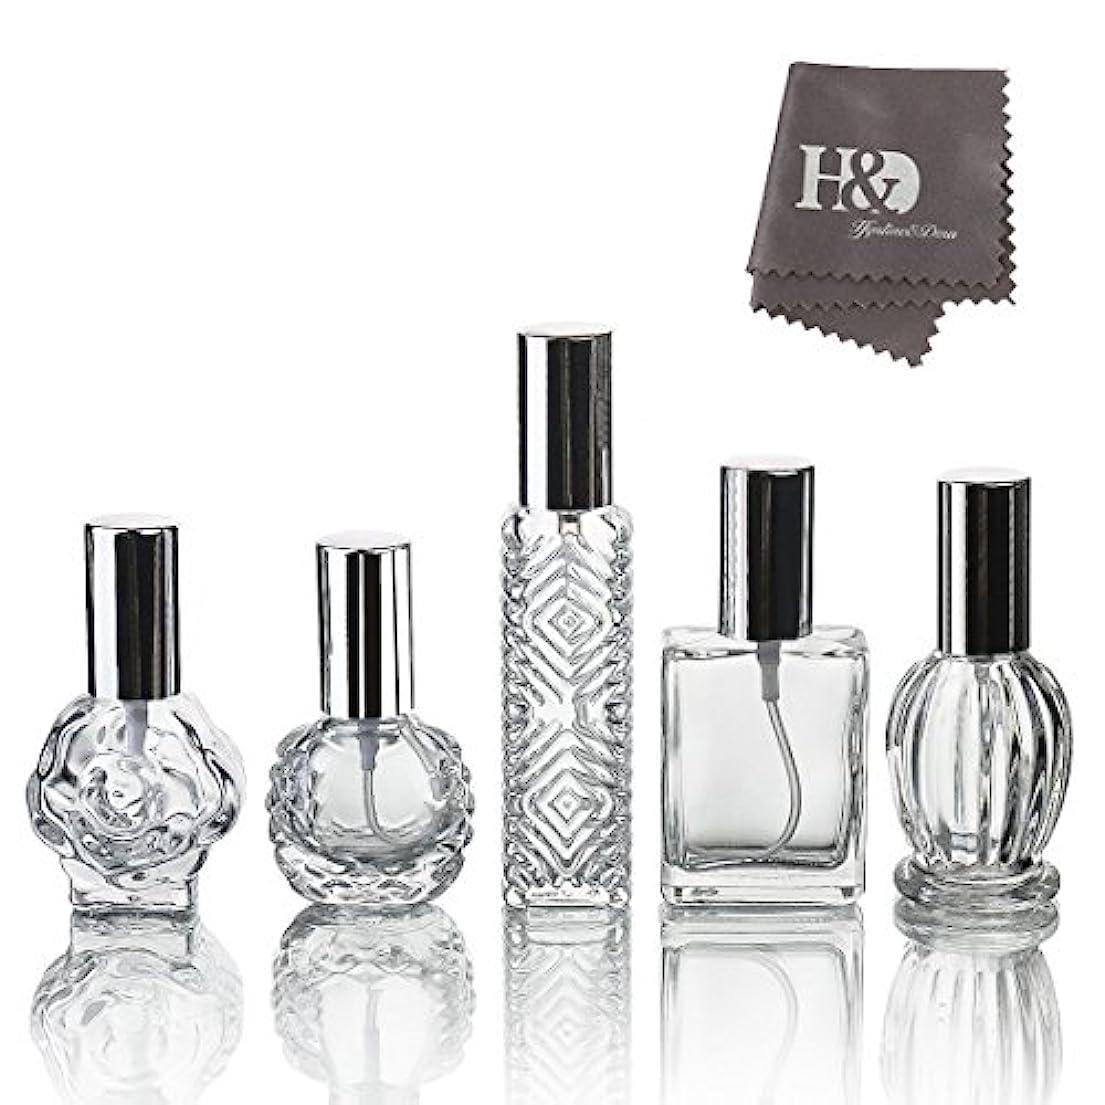 疎外誇張便利さH&D 5枚セット ガラスボトル 香水瓶 詰替用瓶 分け瓶 旅行用品 化粧水用瓶 装飾雑貨 ガラス製 (2)